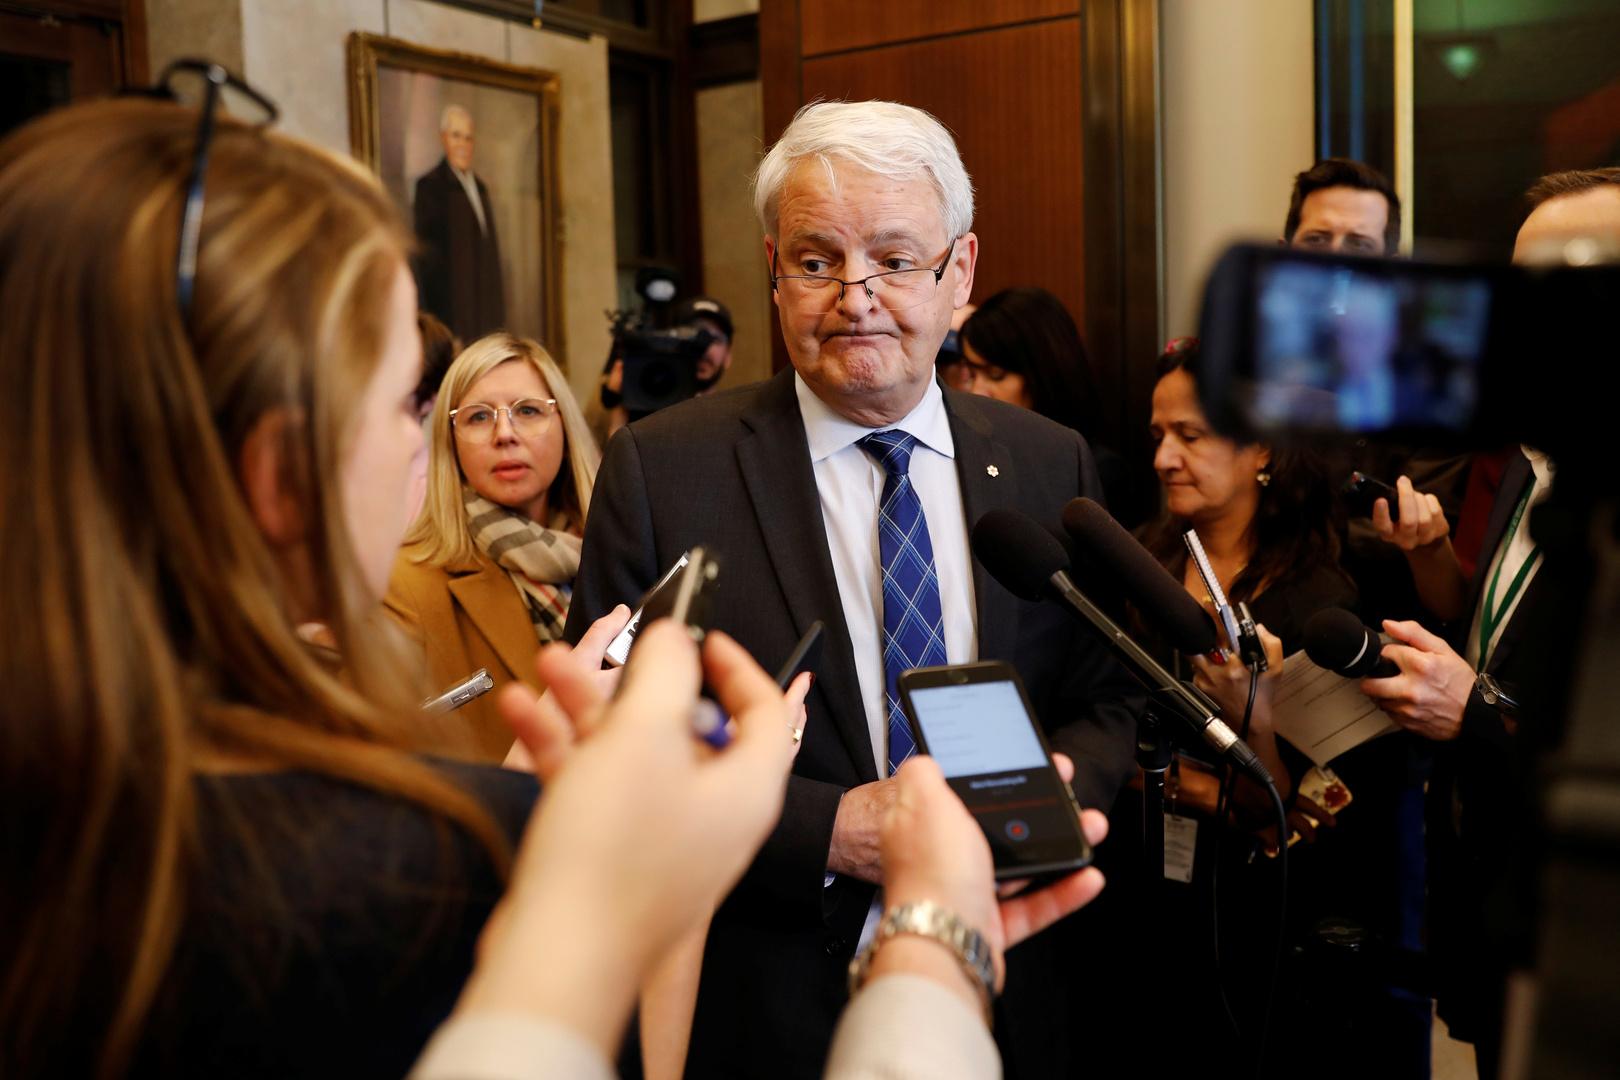 كندا تطلق أقوى تصريح ضد إيران بشأن إسقاط الطائرة الأوكرانية